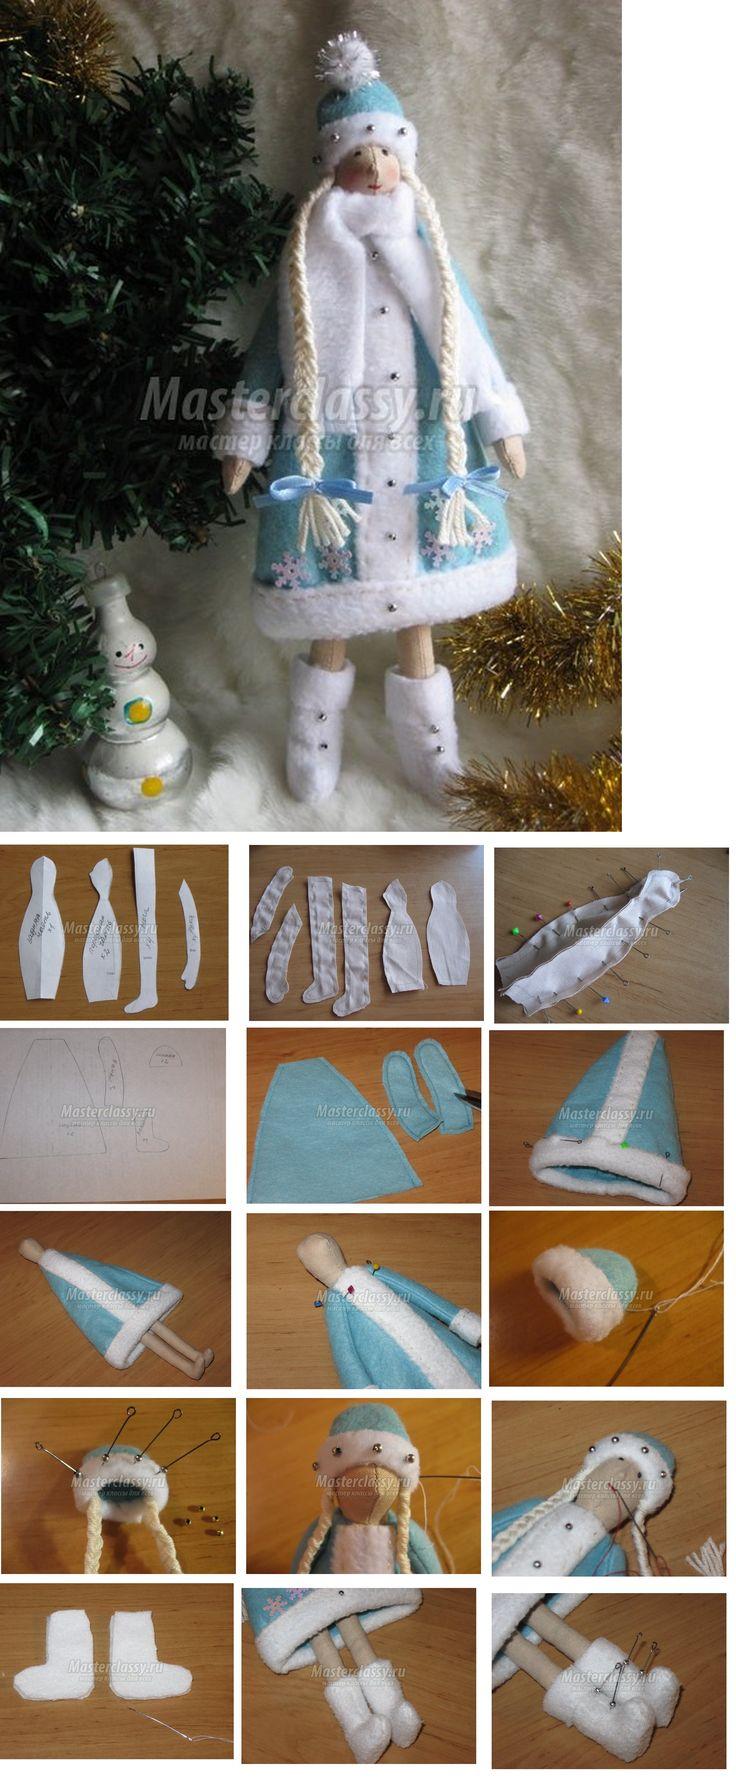 Winter Tilda in light blue & white snowflake coat